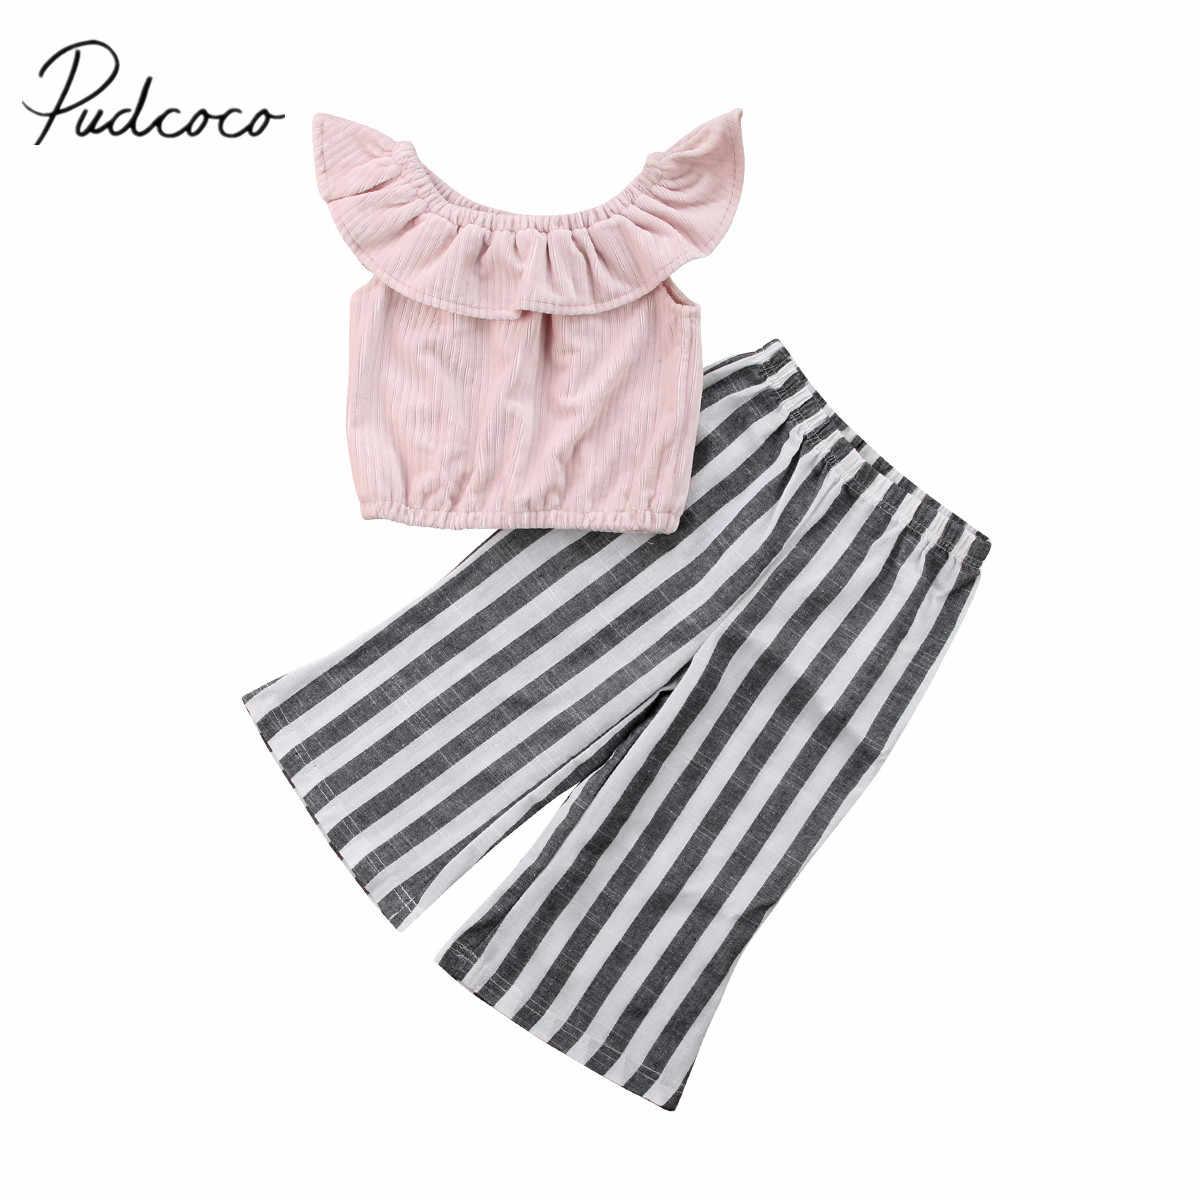 1ec5c4d2c7672 2018 Brand New Toddler Infant Child Stripes Kid Baby Girl Off Shoulder Crop  Tops Wide Leg